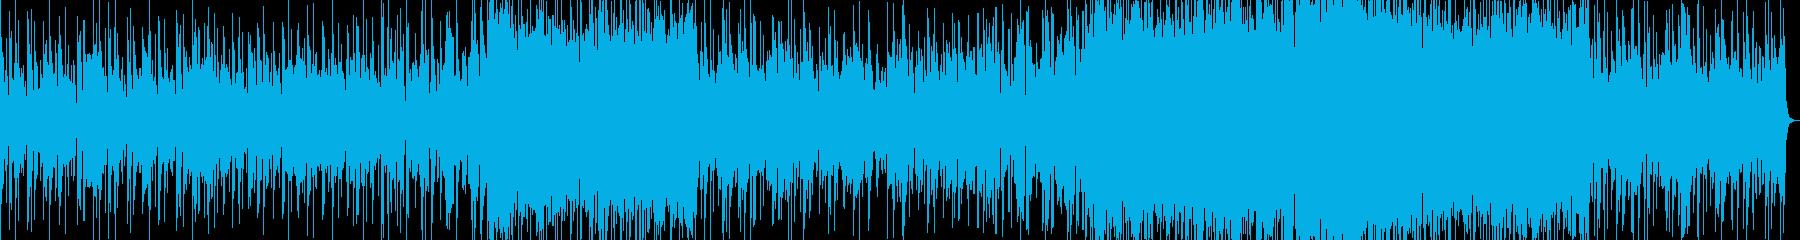 暗闇の中に光溢れるレゲエの再生済みの波形